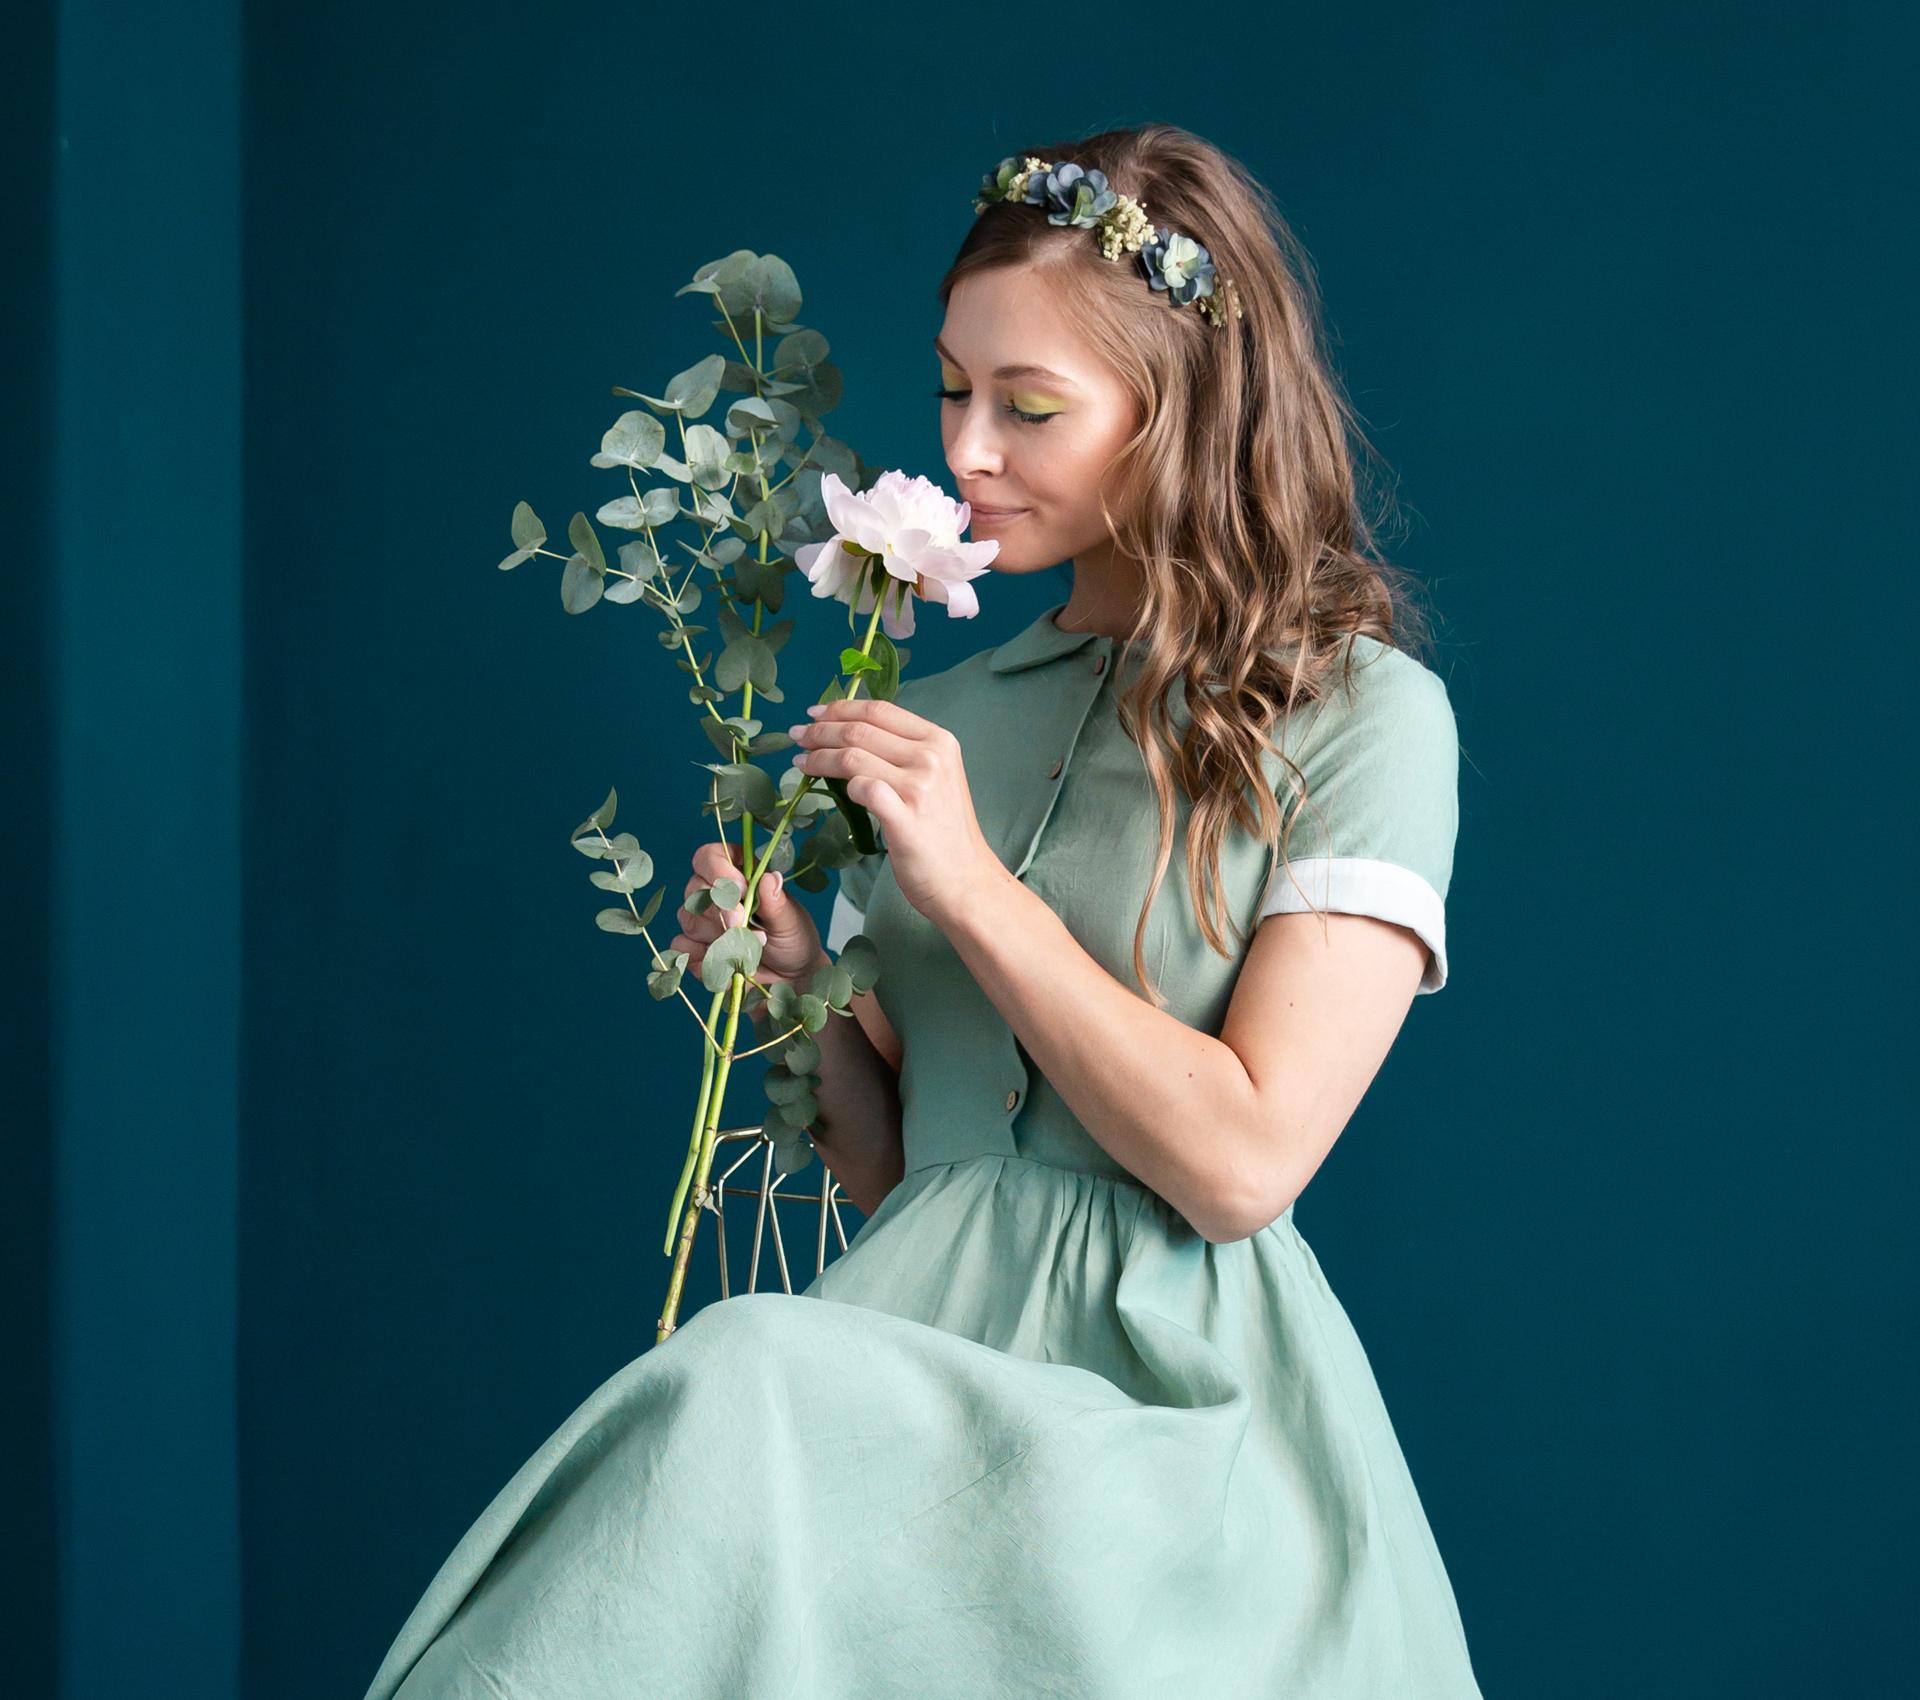 Frau mit grünem Leinenkleid und Blumen